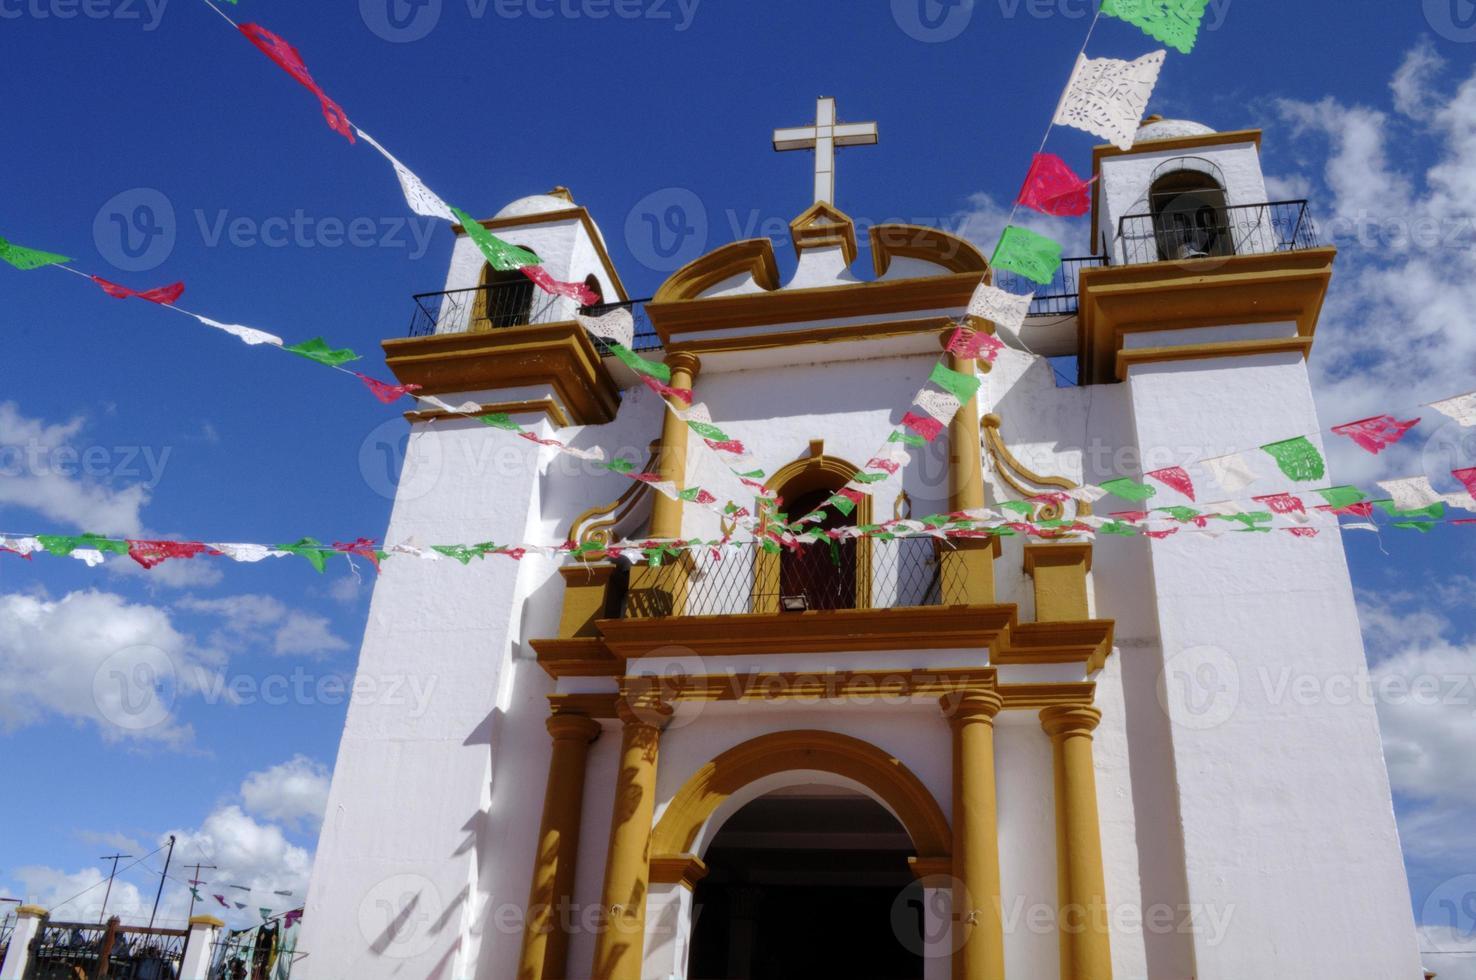 templo en mexico foto